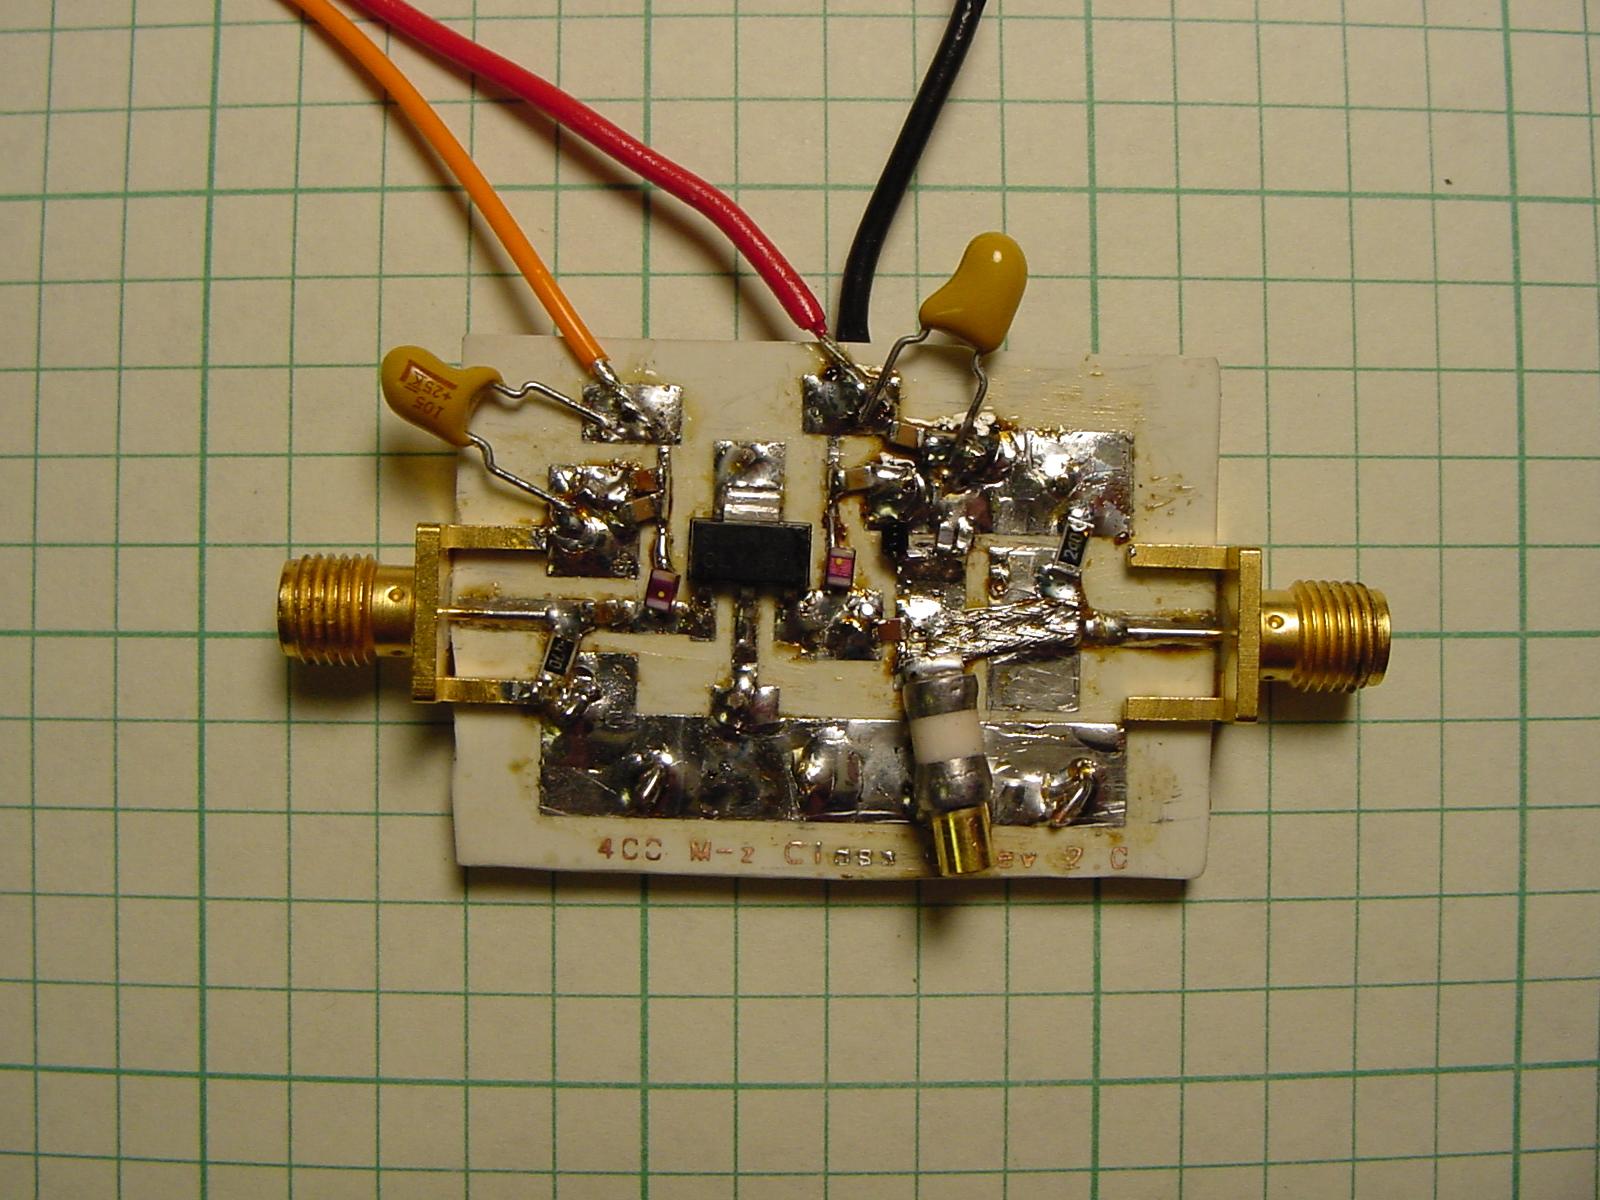 RF power amplifier - Wikipedia